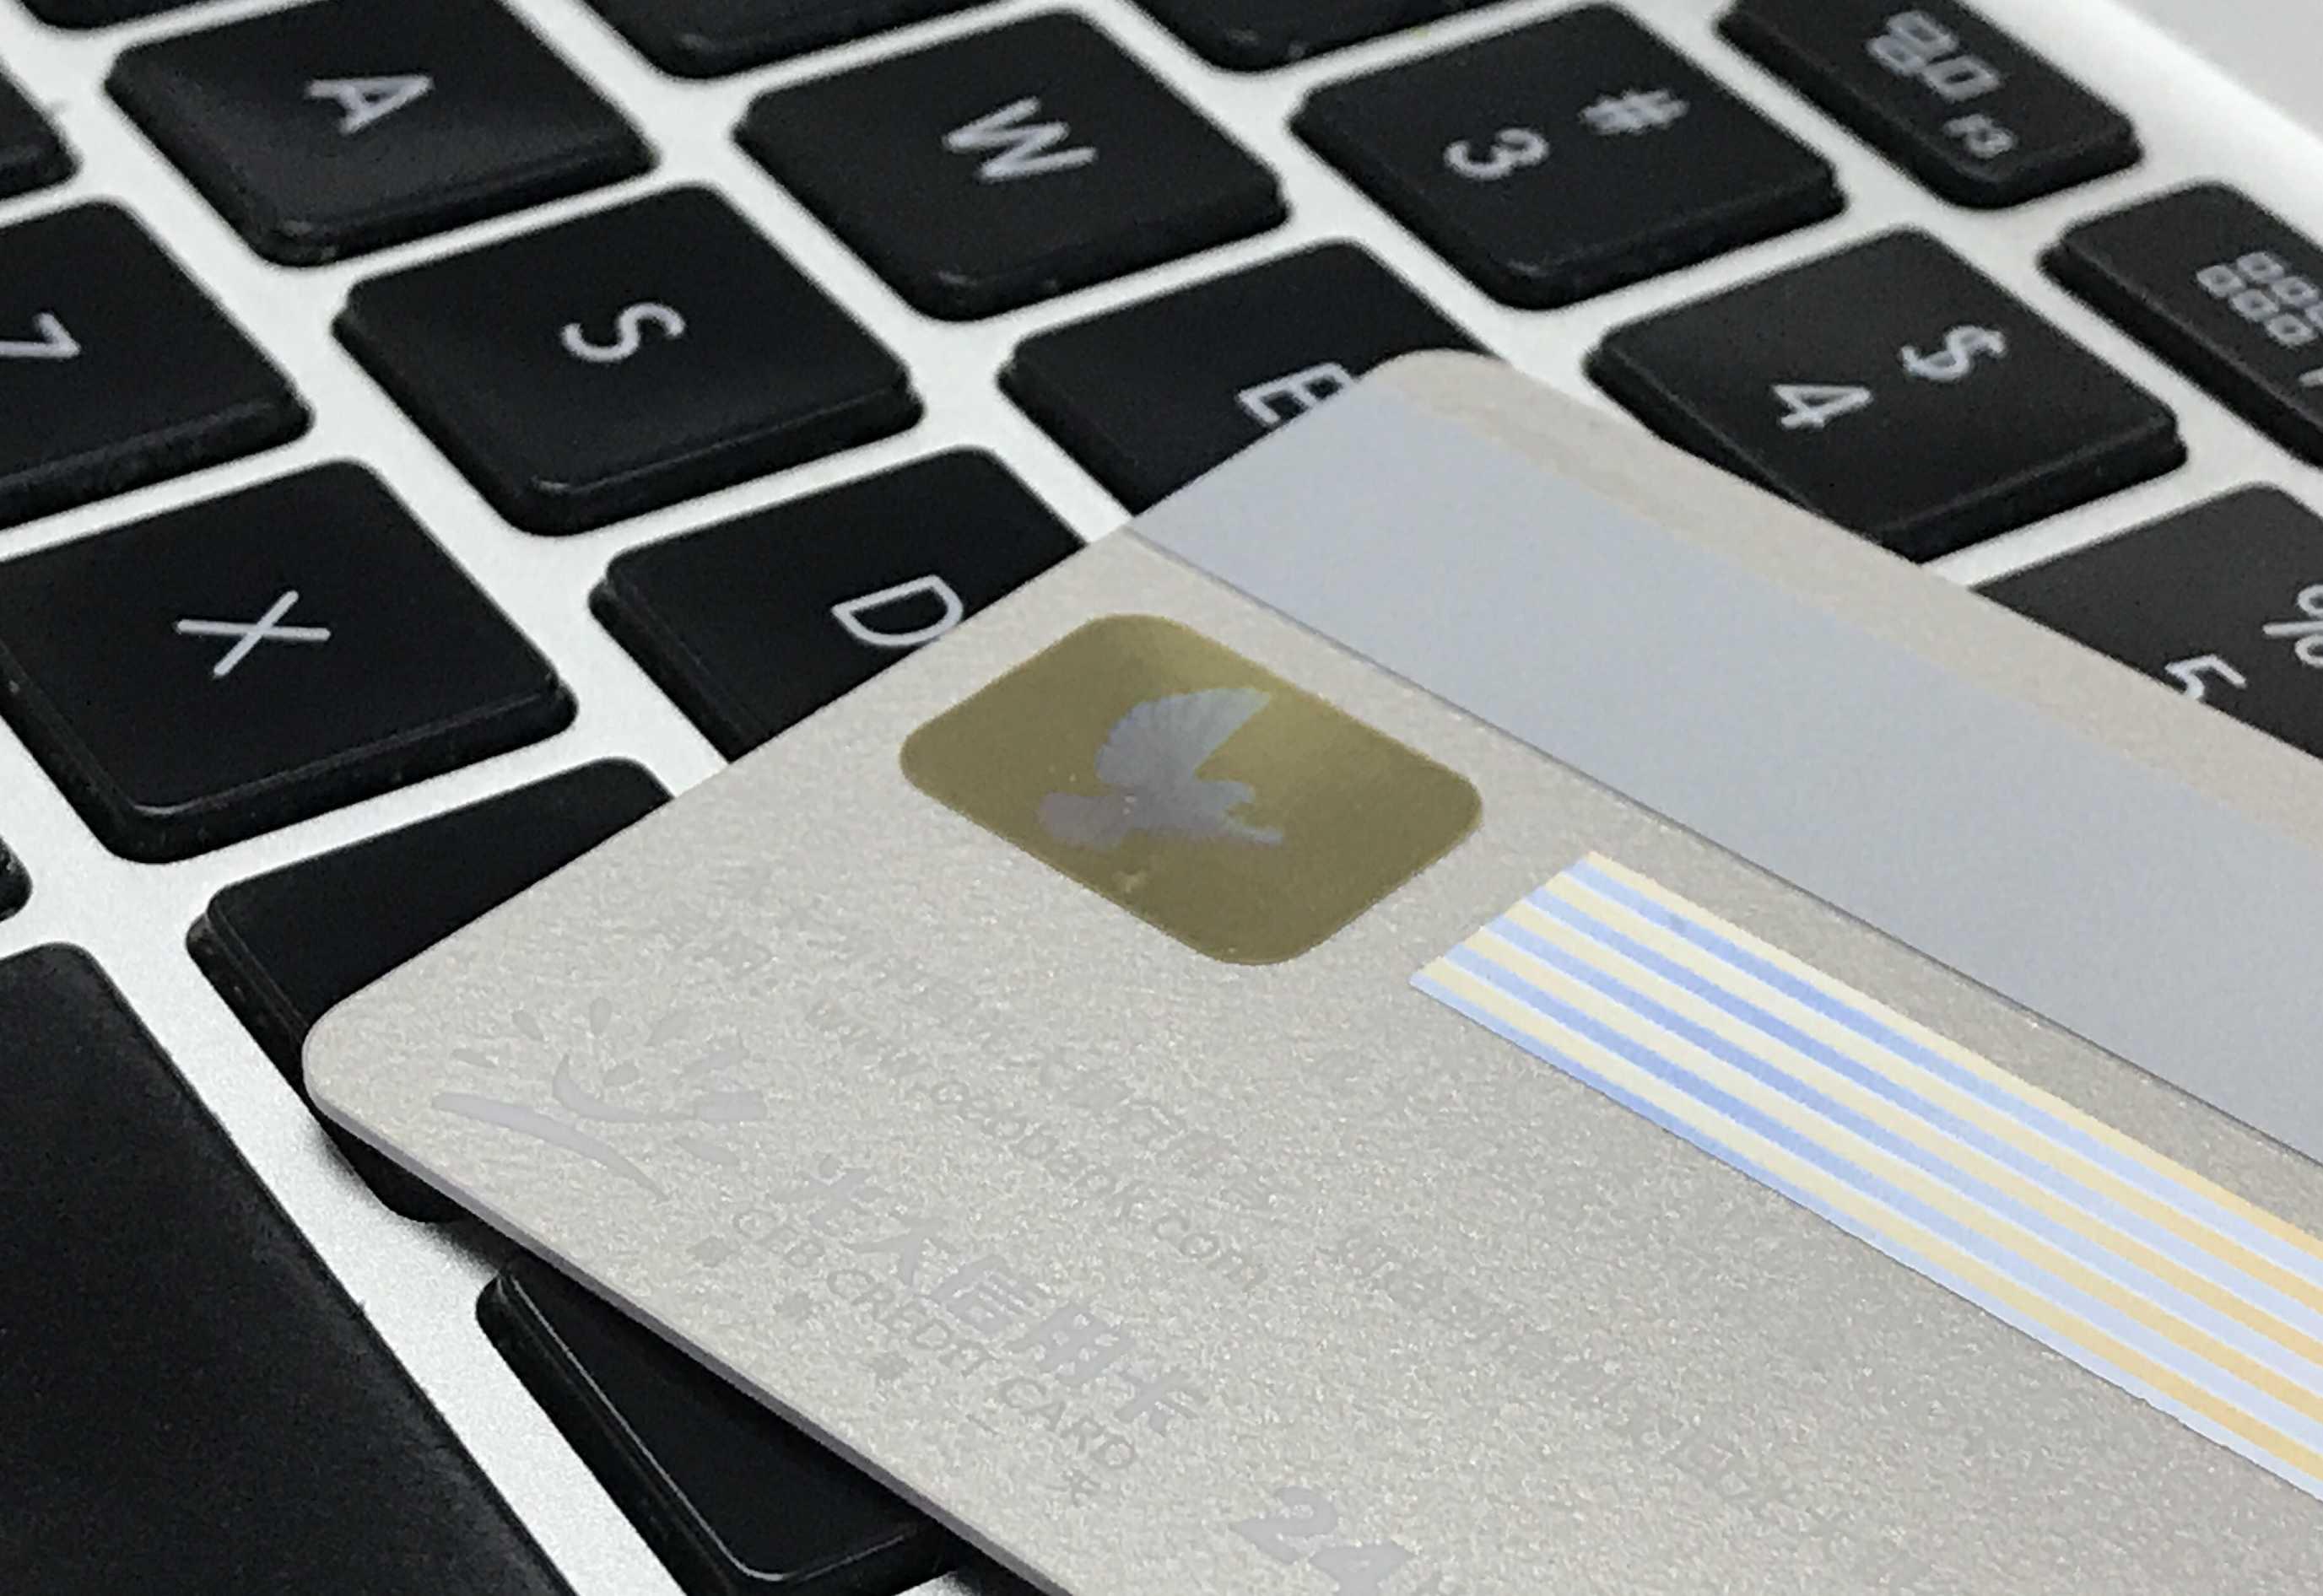 哪些借款平台利息低?悄悄告诉你!